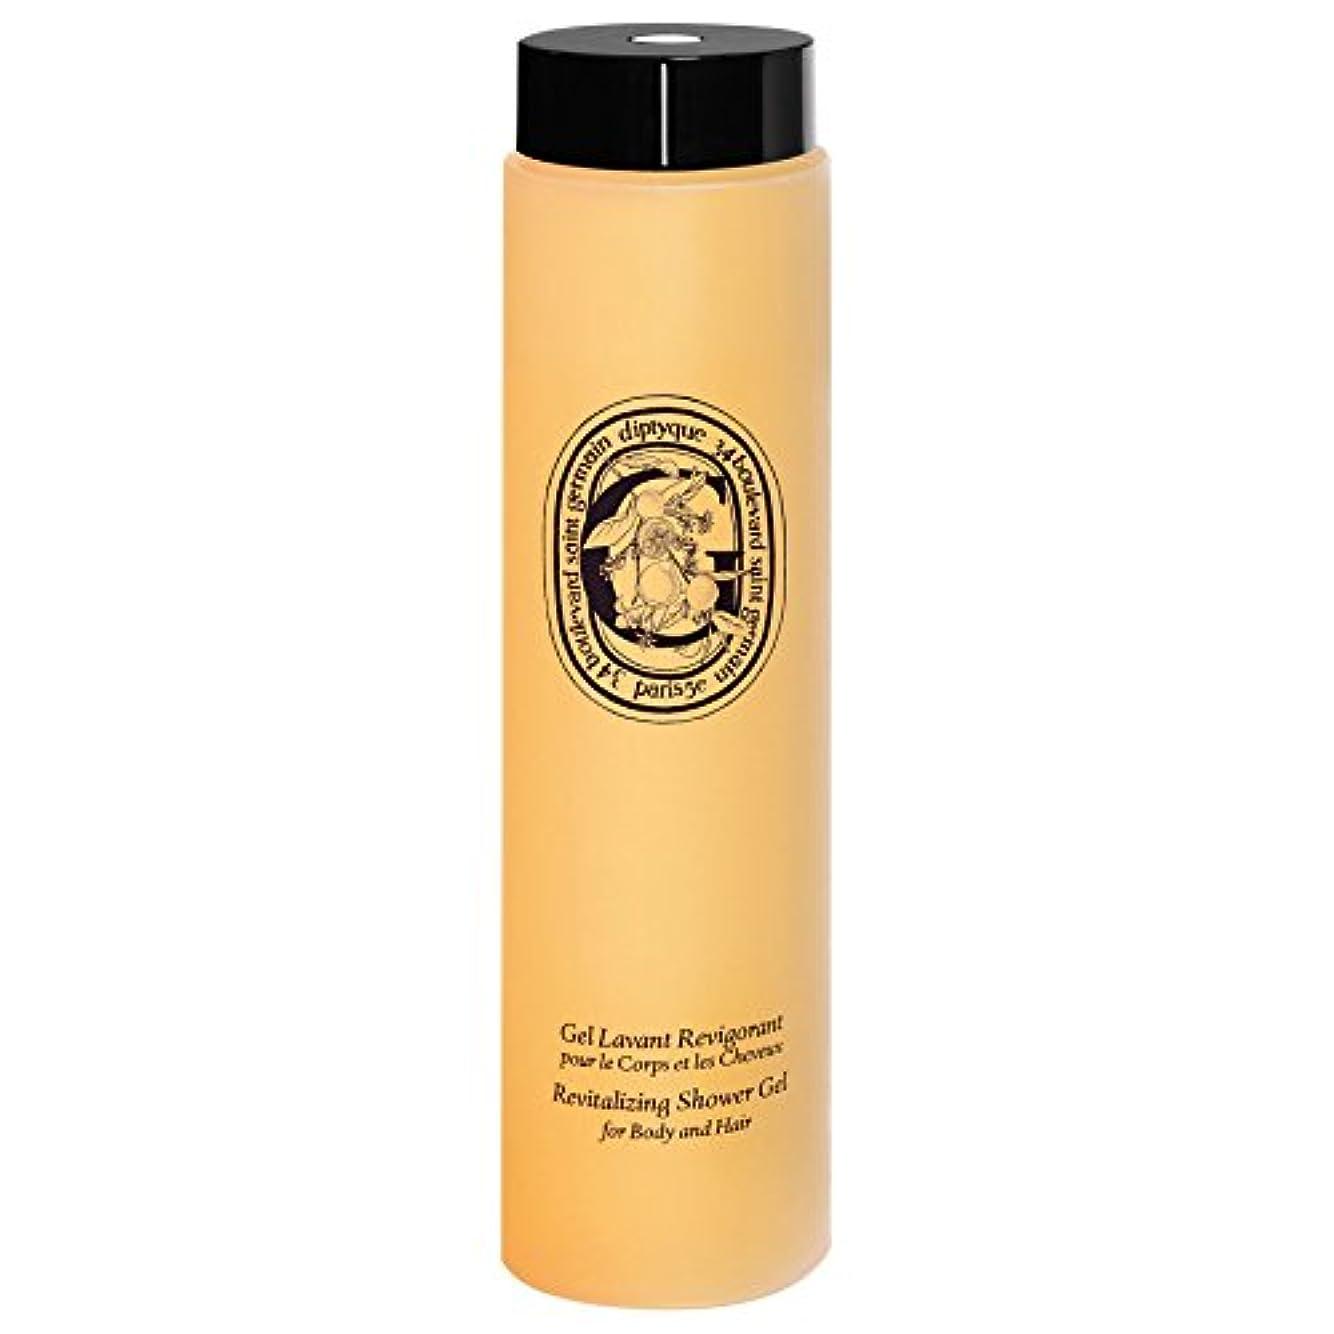 適応する包囲後方[Diptyque] ボディ、ヘア200ミリリットルのためDiptyqueのリバイタライジングシャワージェル - Diptyque Revitalising Shower Gel For Body And Hair 200ml...